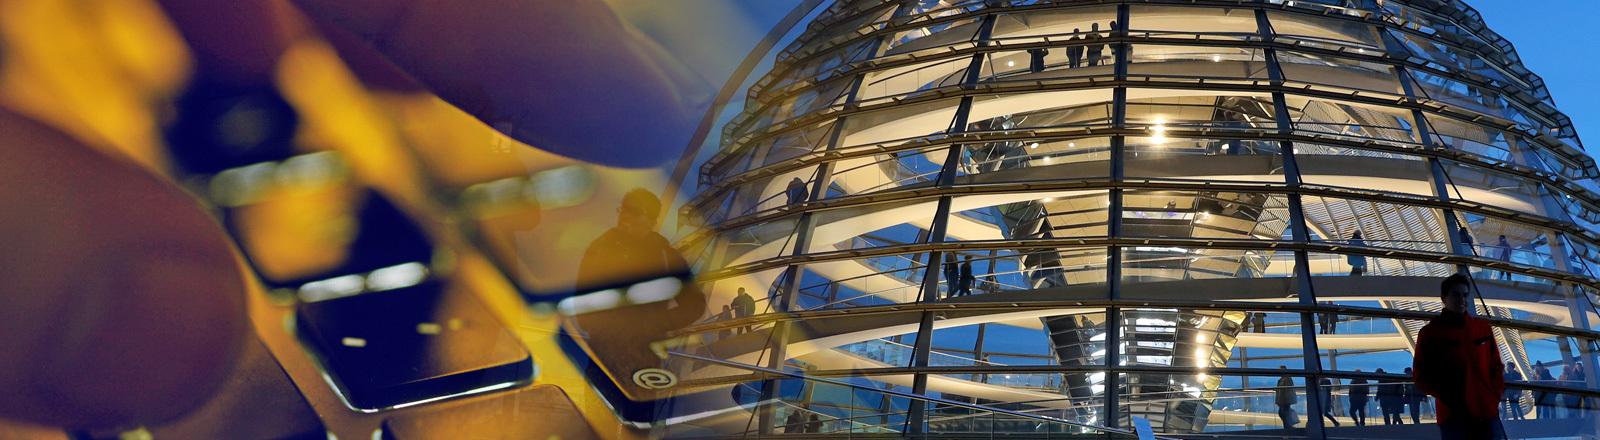 Tippen auf der Tastatur und die Reichstagskuppel in Berlin.